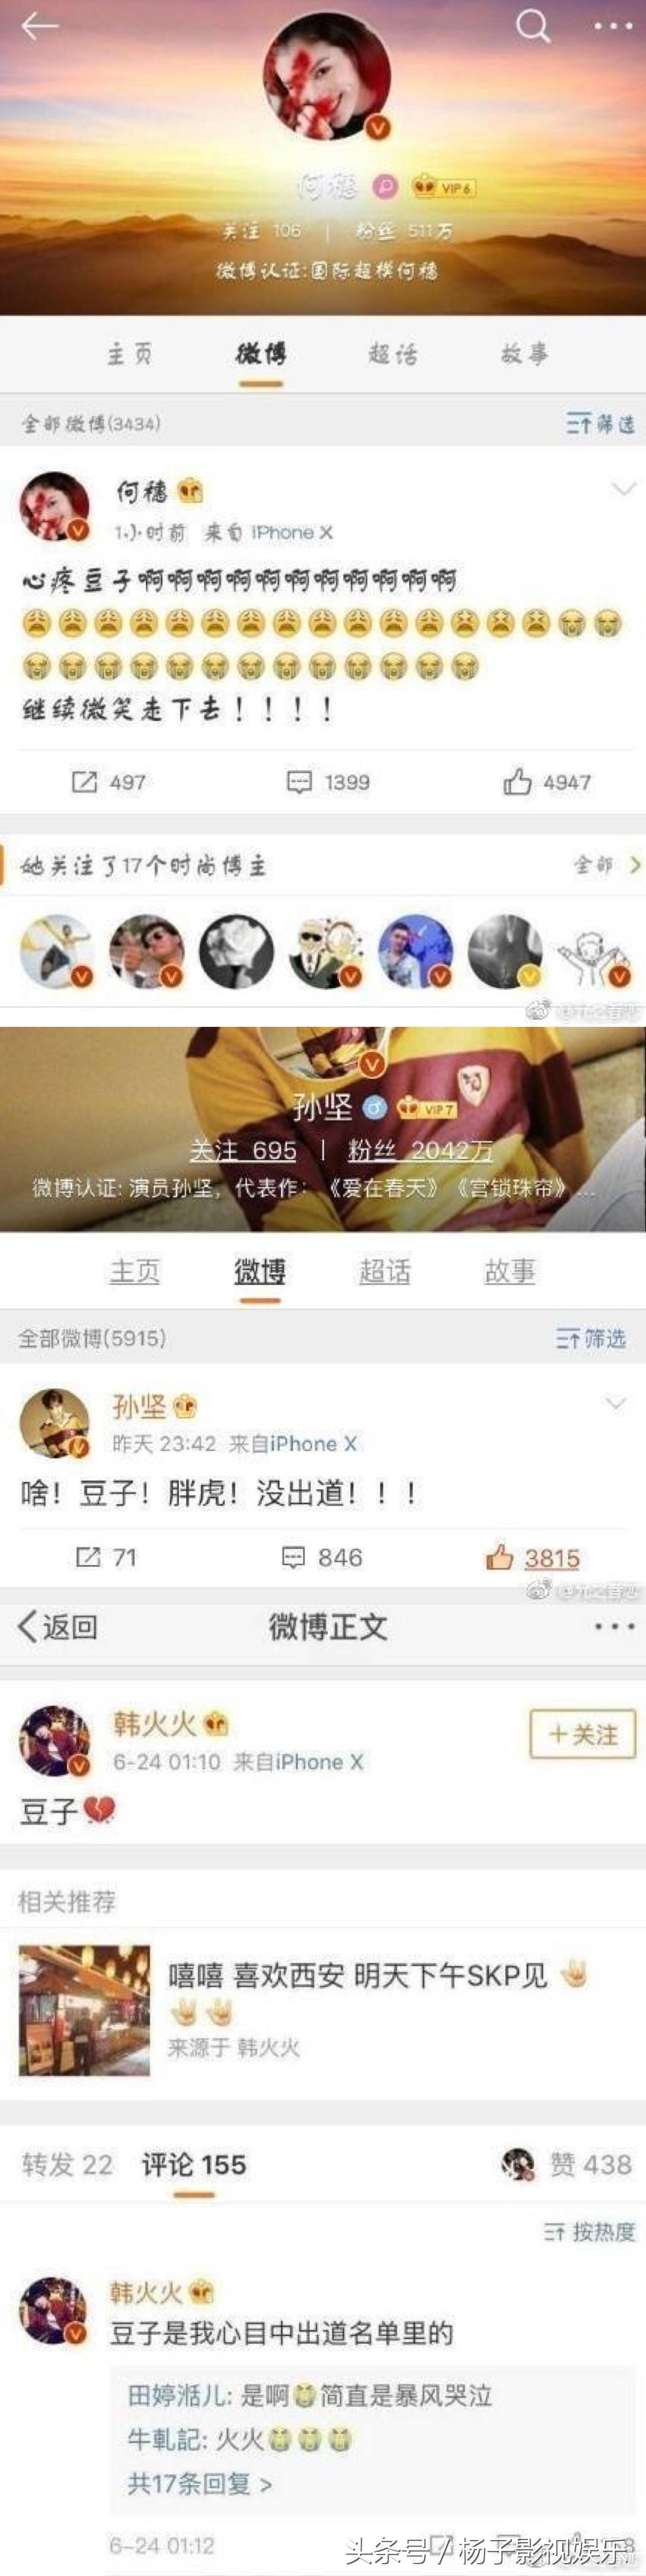 李子璇无缘出道,众明星发博表示惋惜,网友:是金子总会发光的